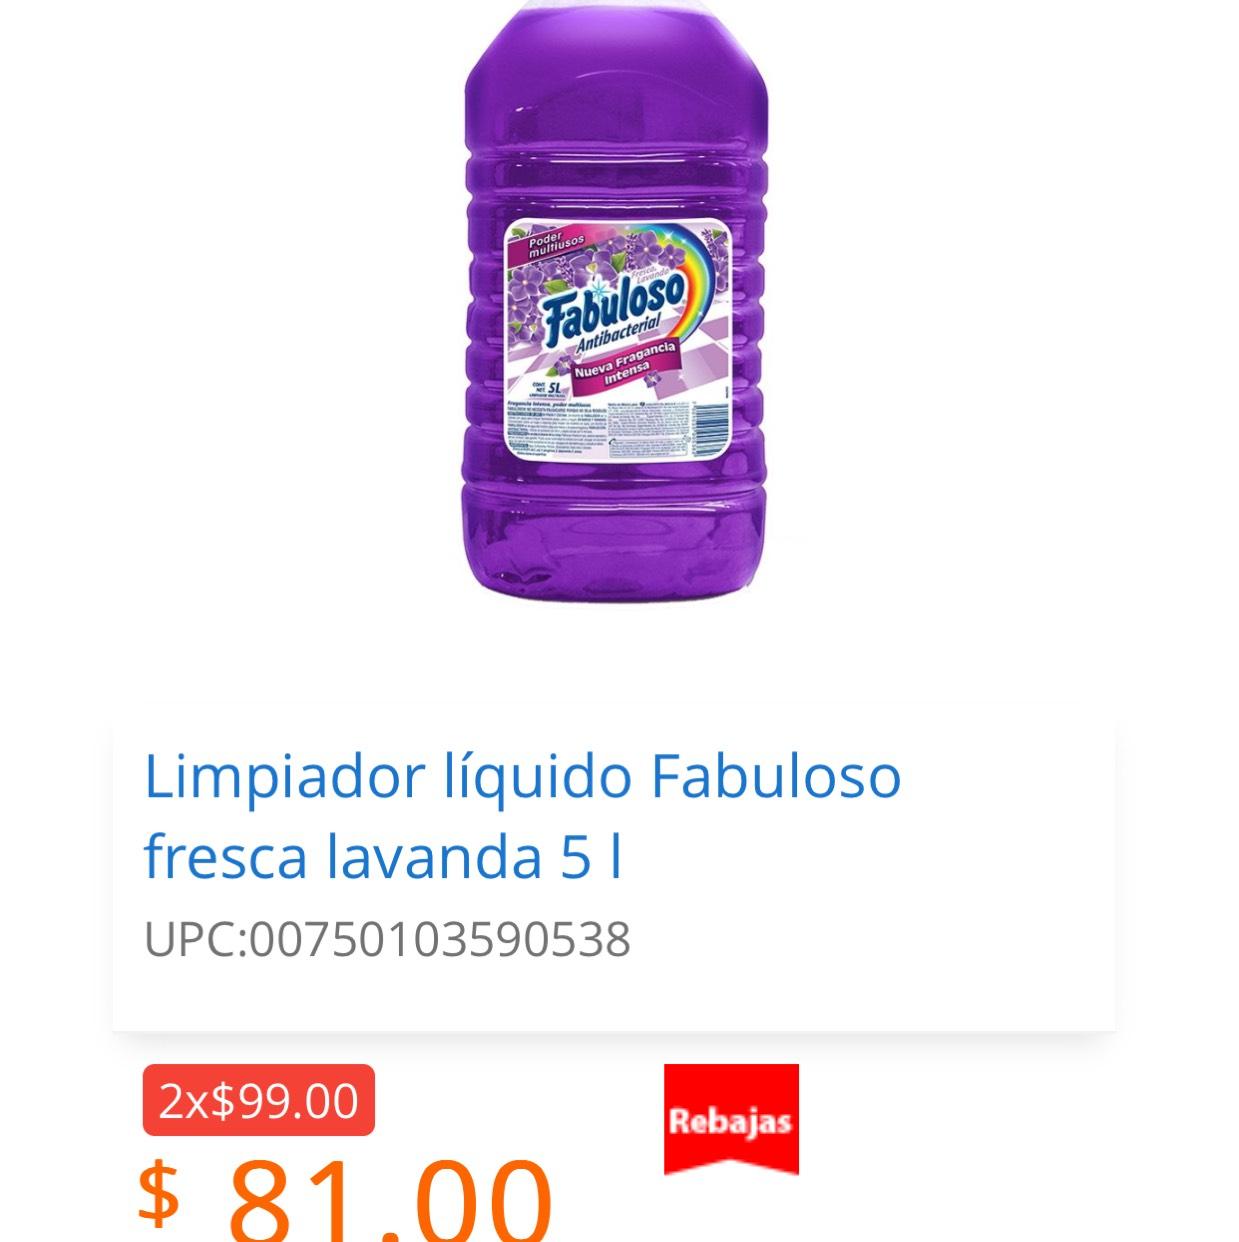 Walmart en línea 2 fabuloso de 5 l por $99.00